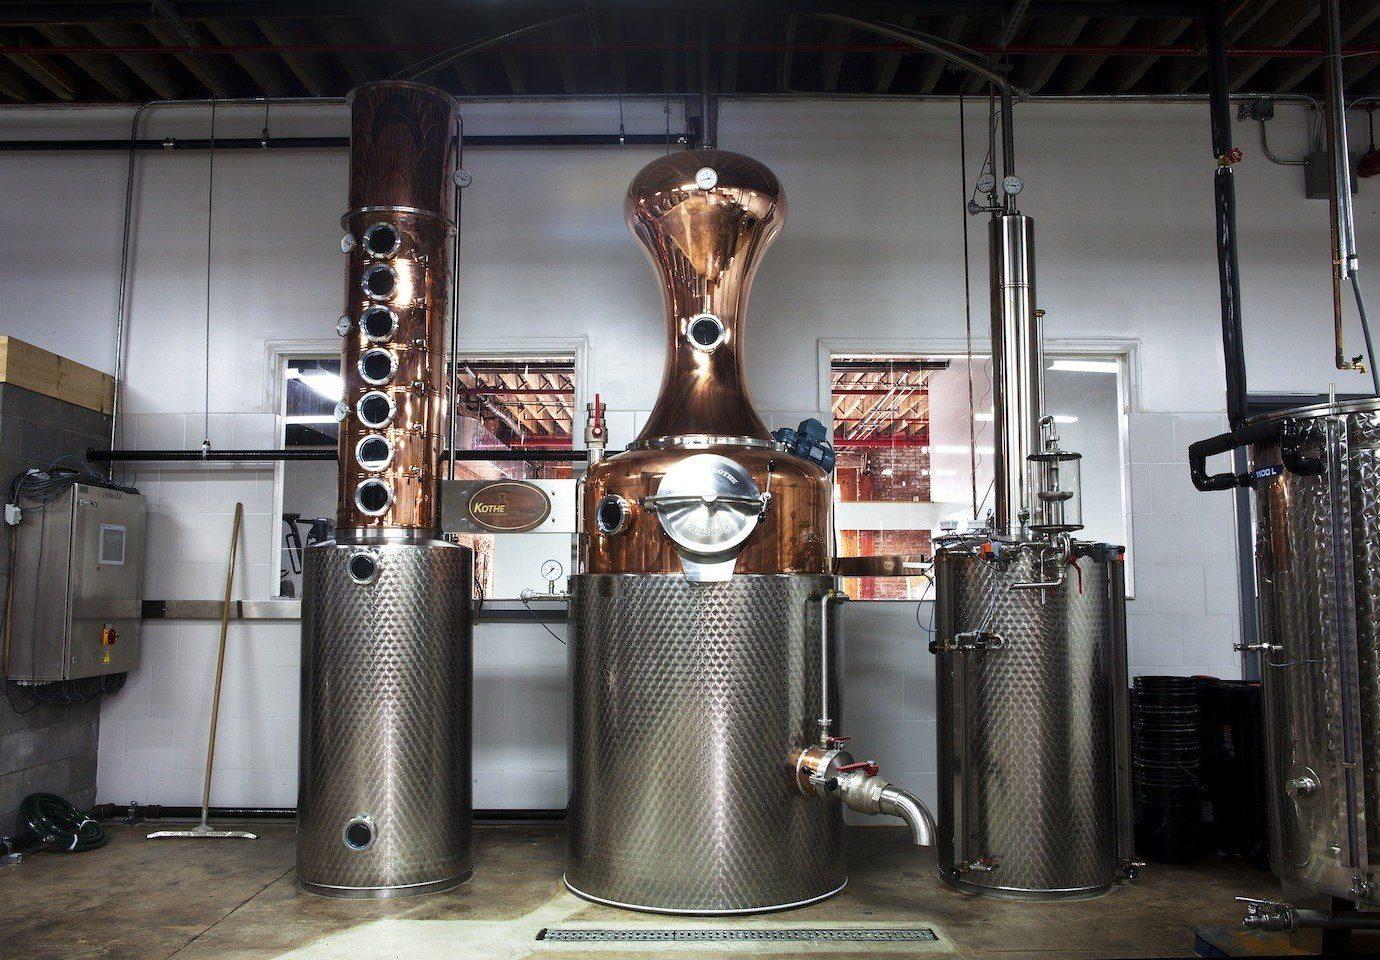 Brooklyn Food + Drink brewery